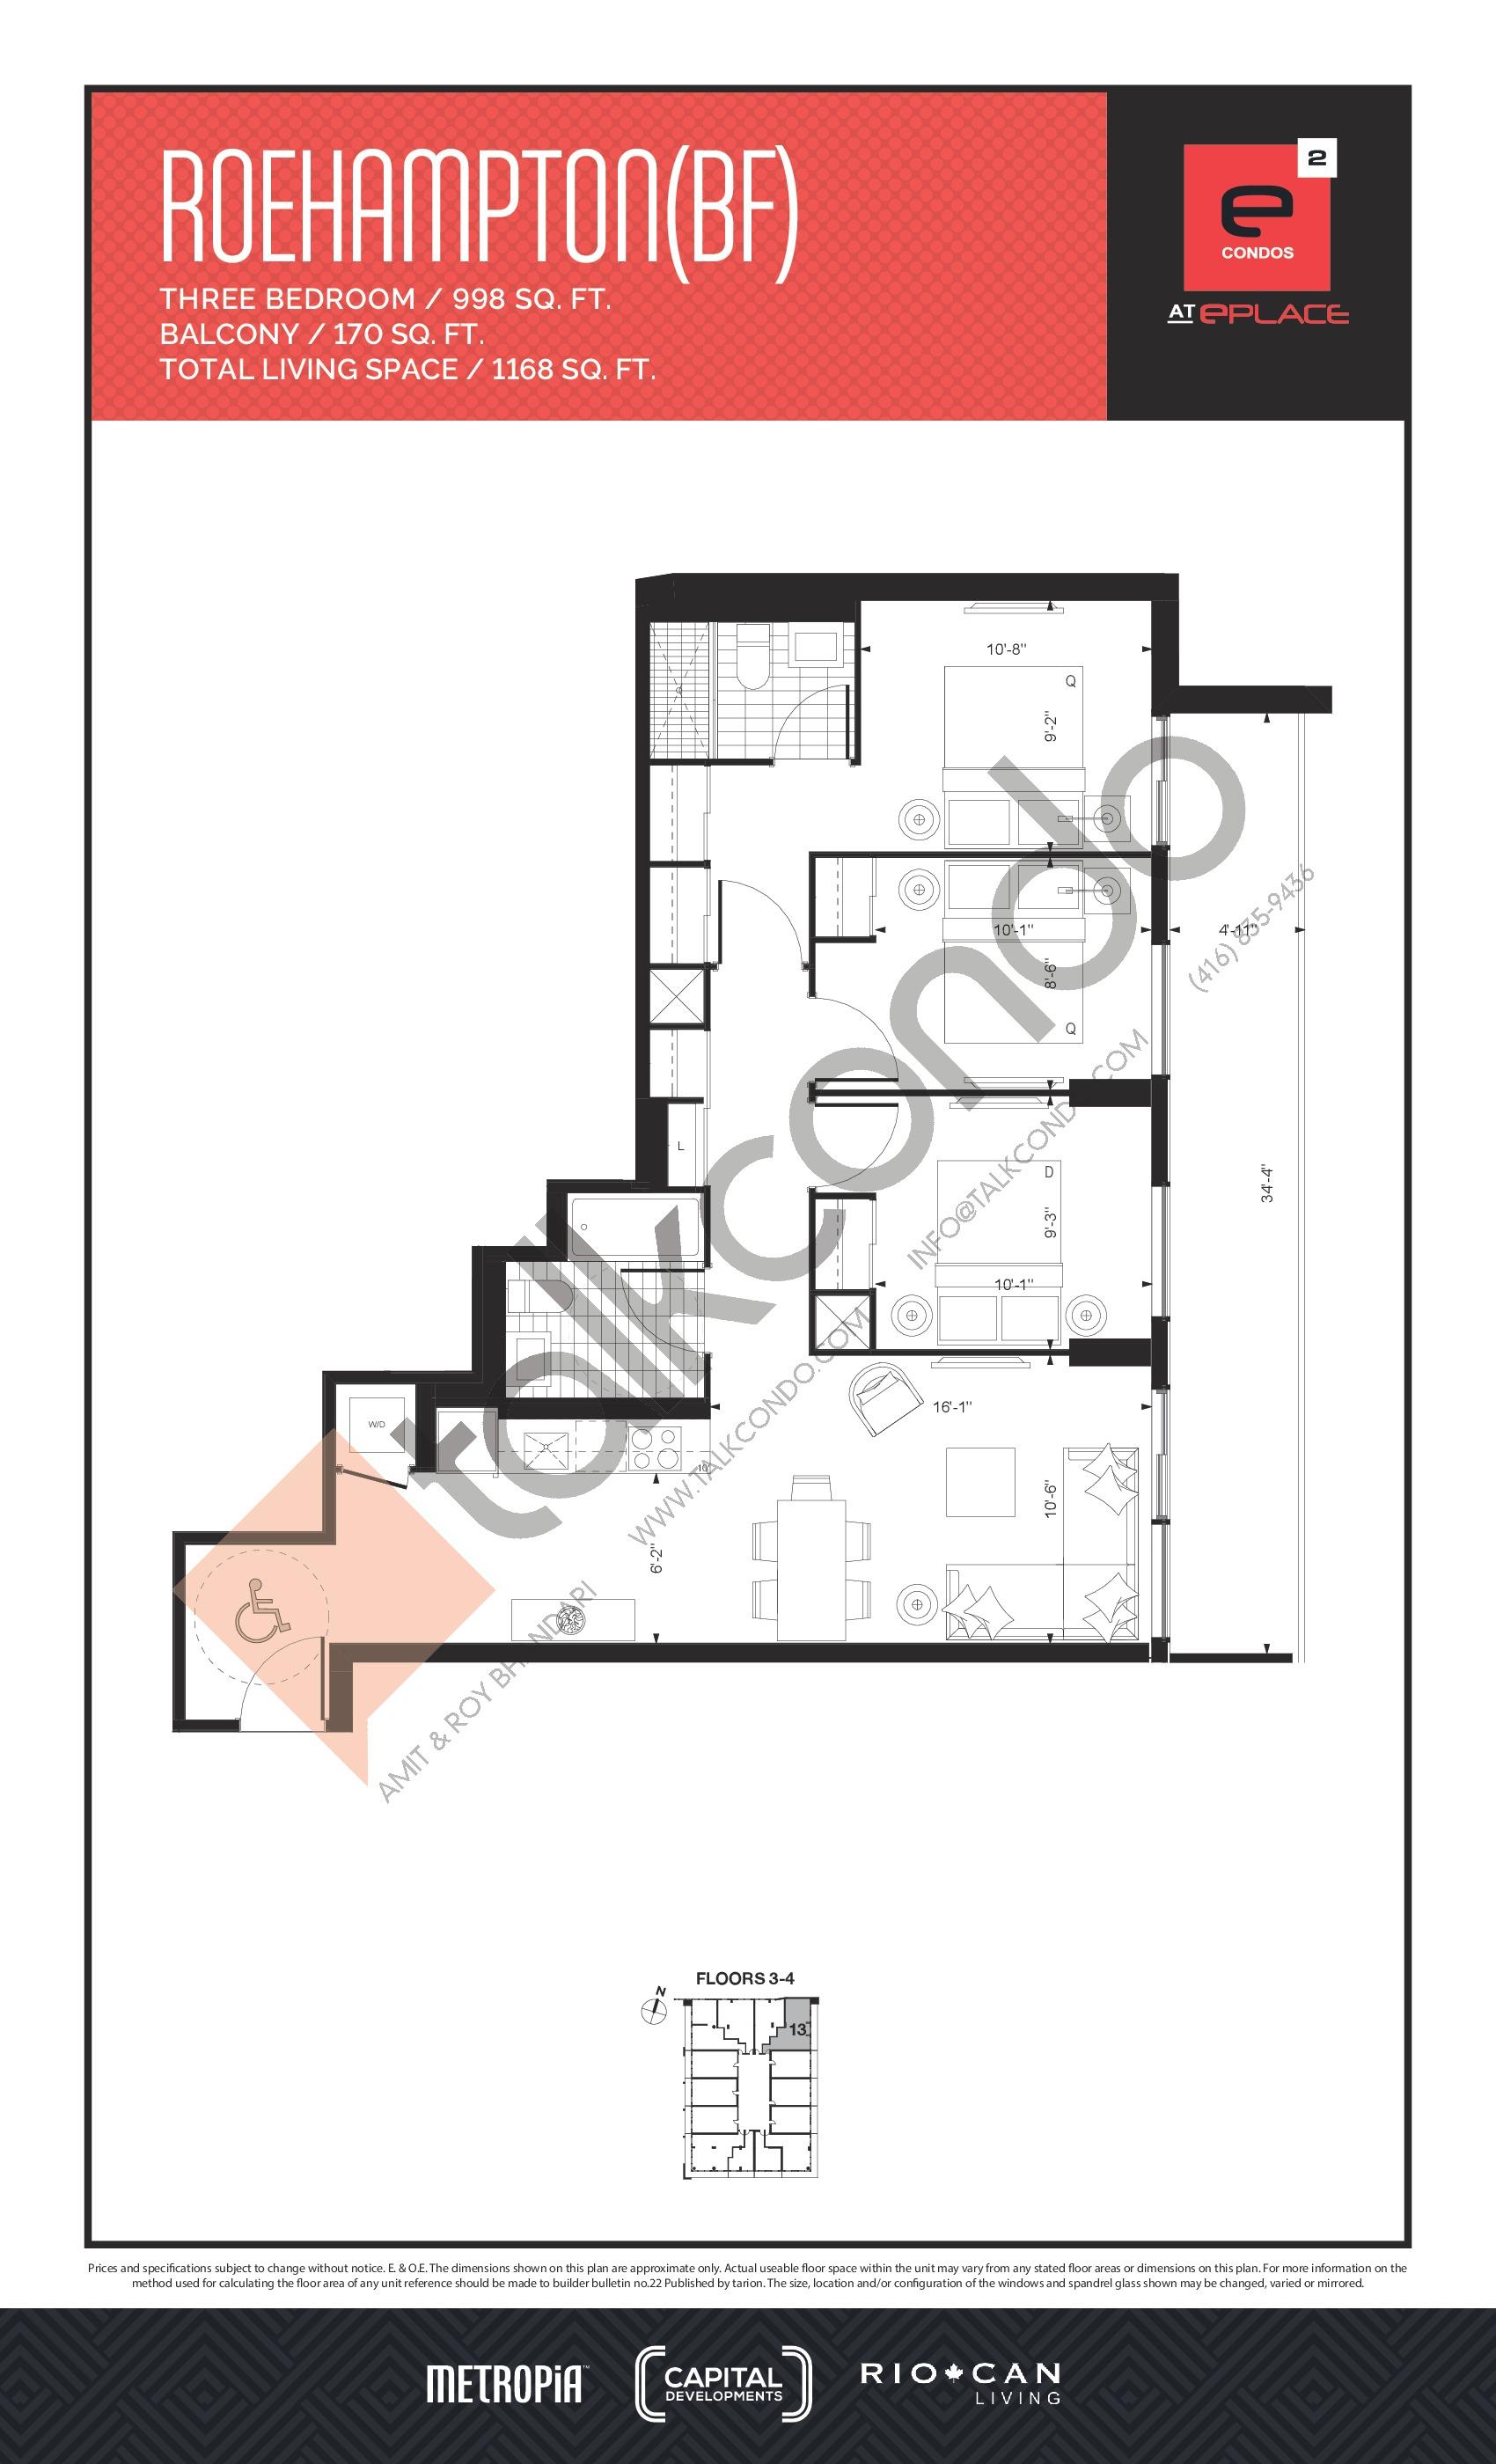 Roehampton (BF) Floor Plan at E2 Condos - 998 sq.ft